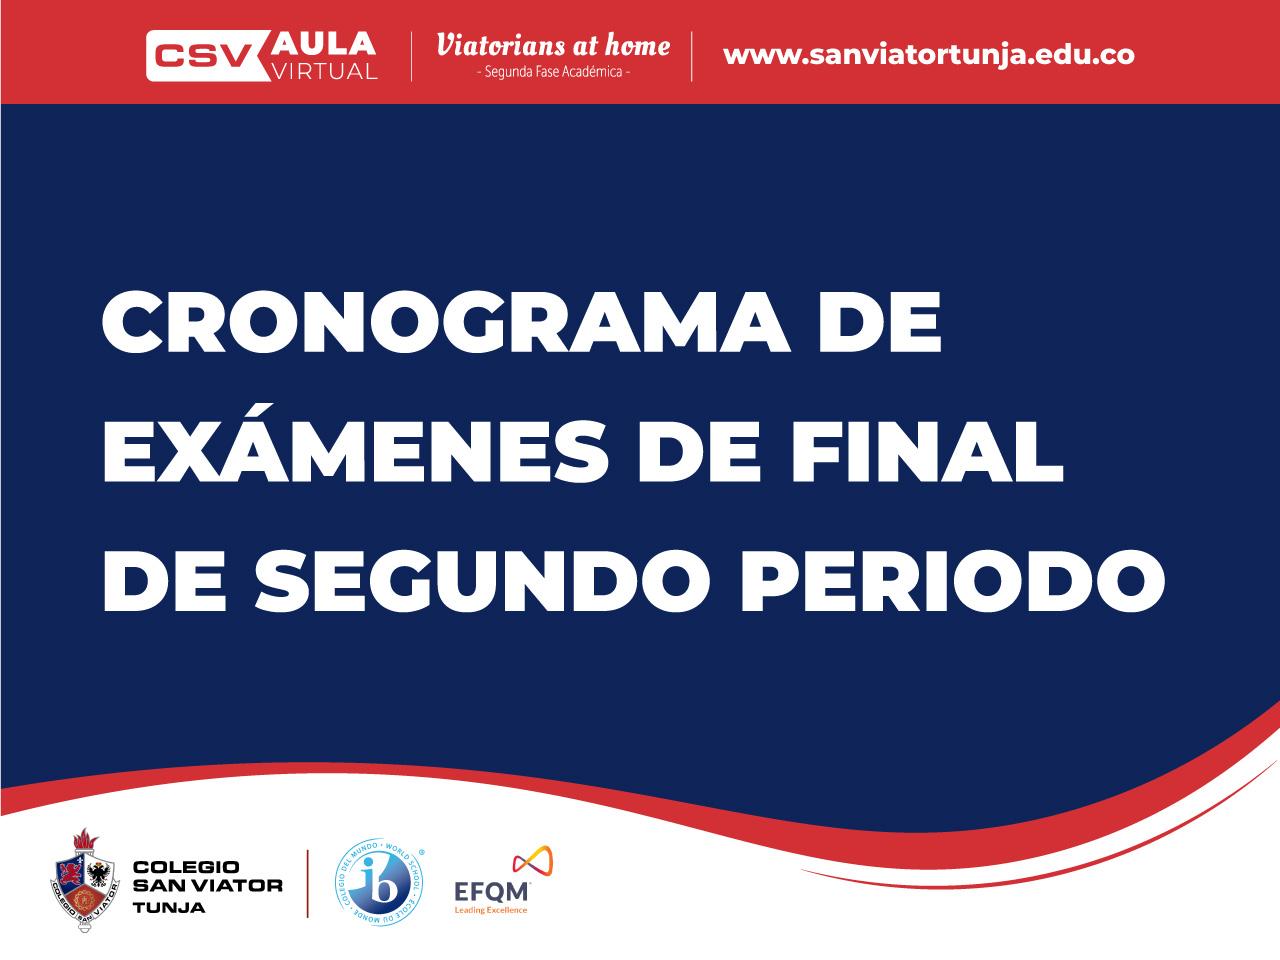 CRONOGRAMA-EVALUACIONES-DE-FINAL-DE-SEGUNDO-PERIODO